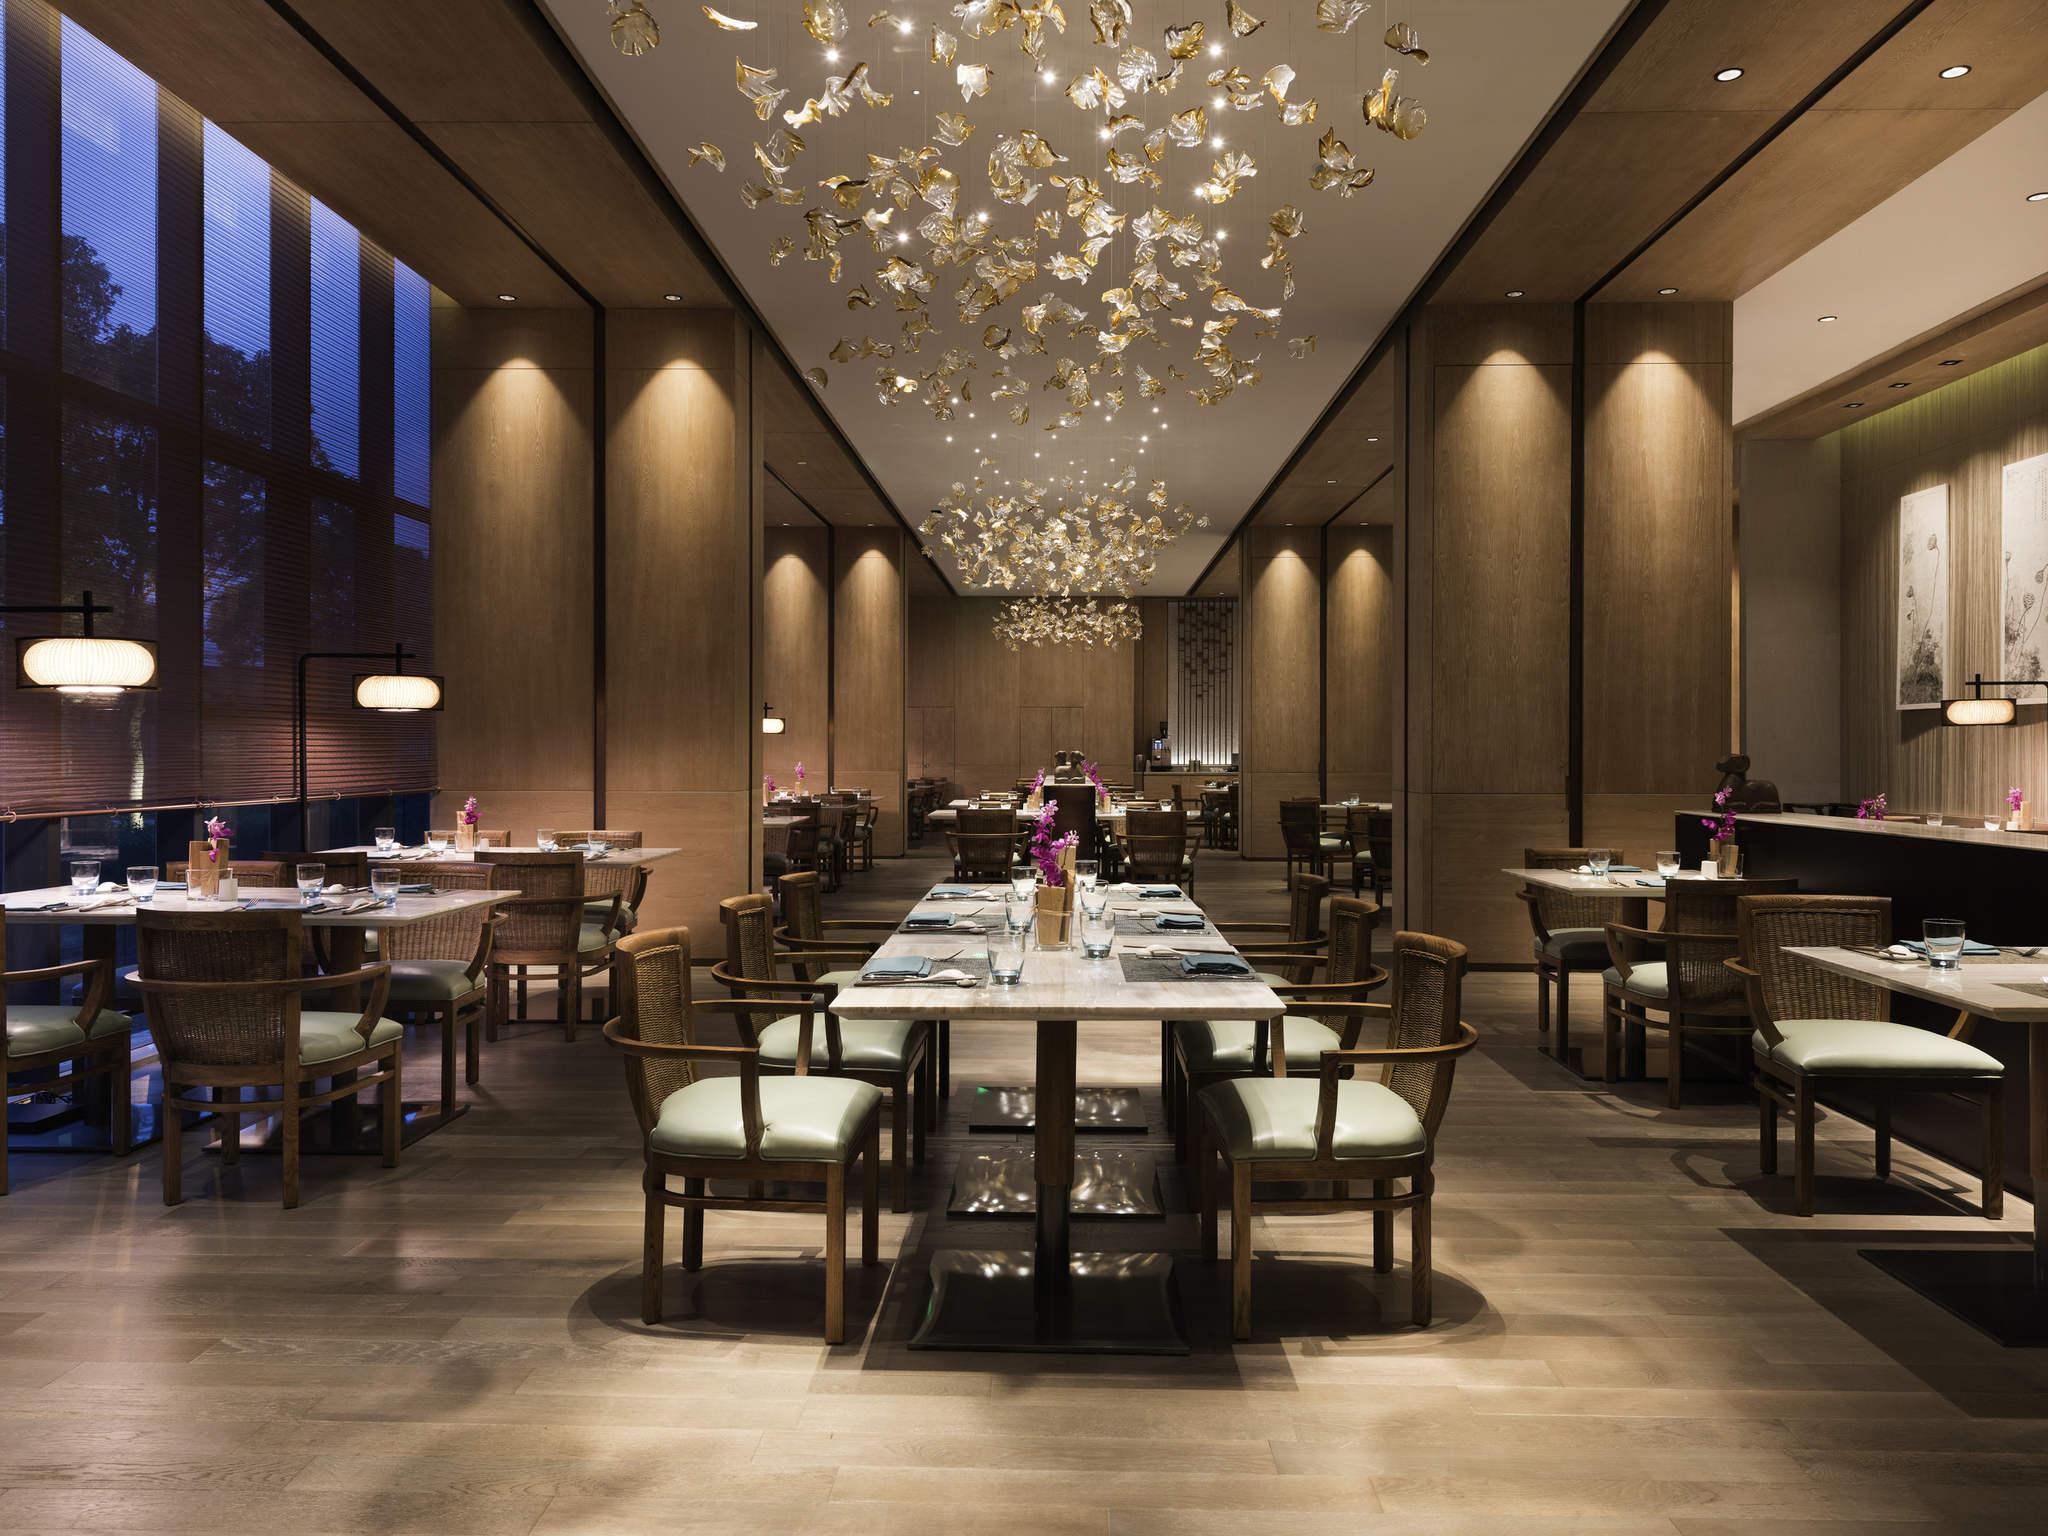 โรงแรม – โนโวเทล เซี่ยงไฮ้ โคลเวอร์